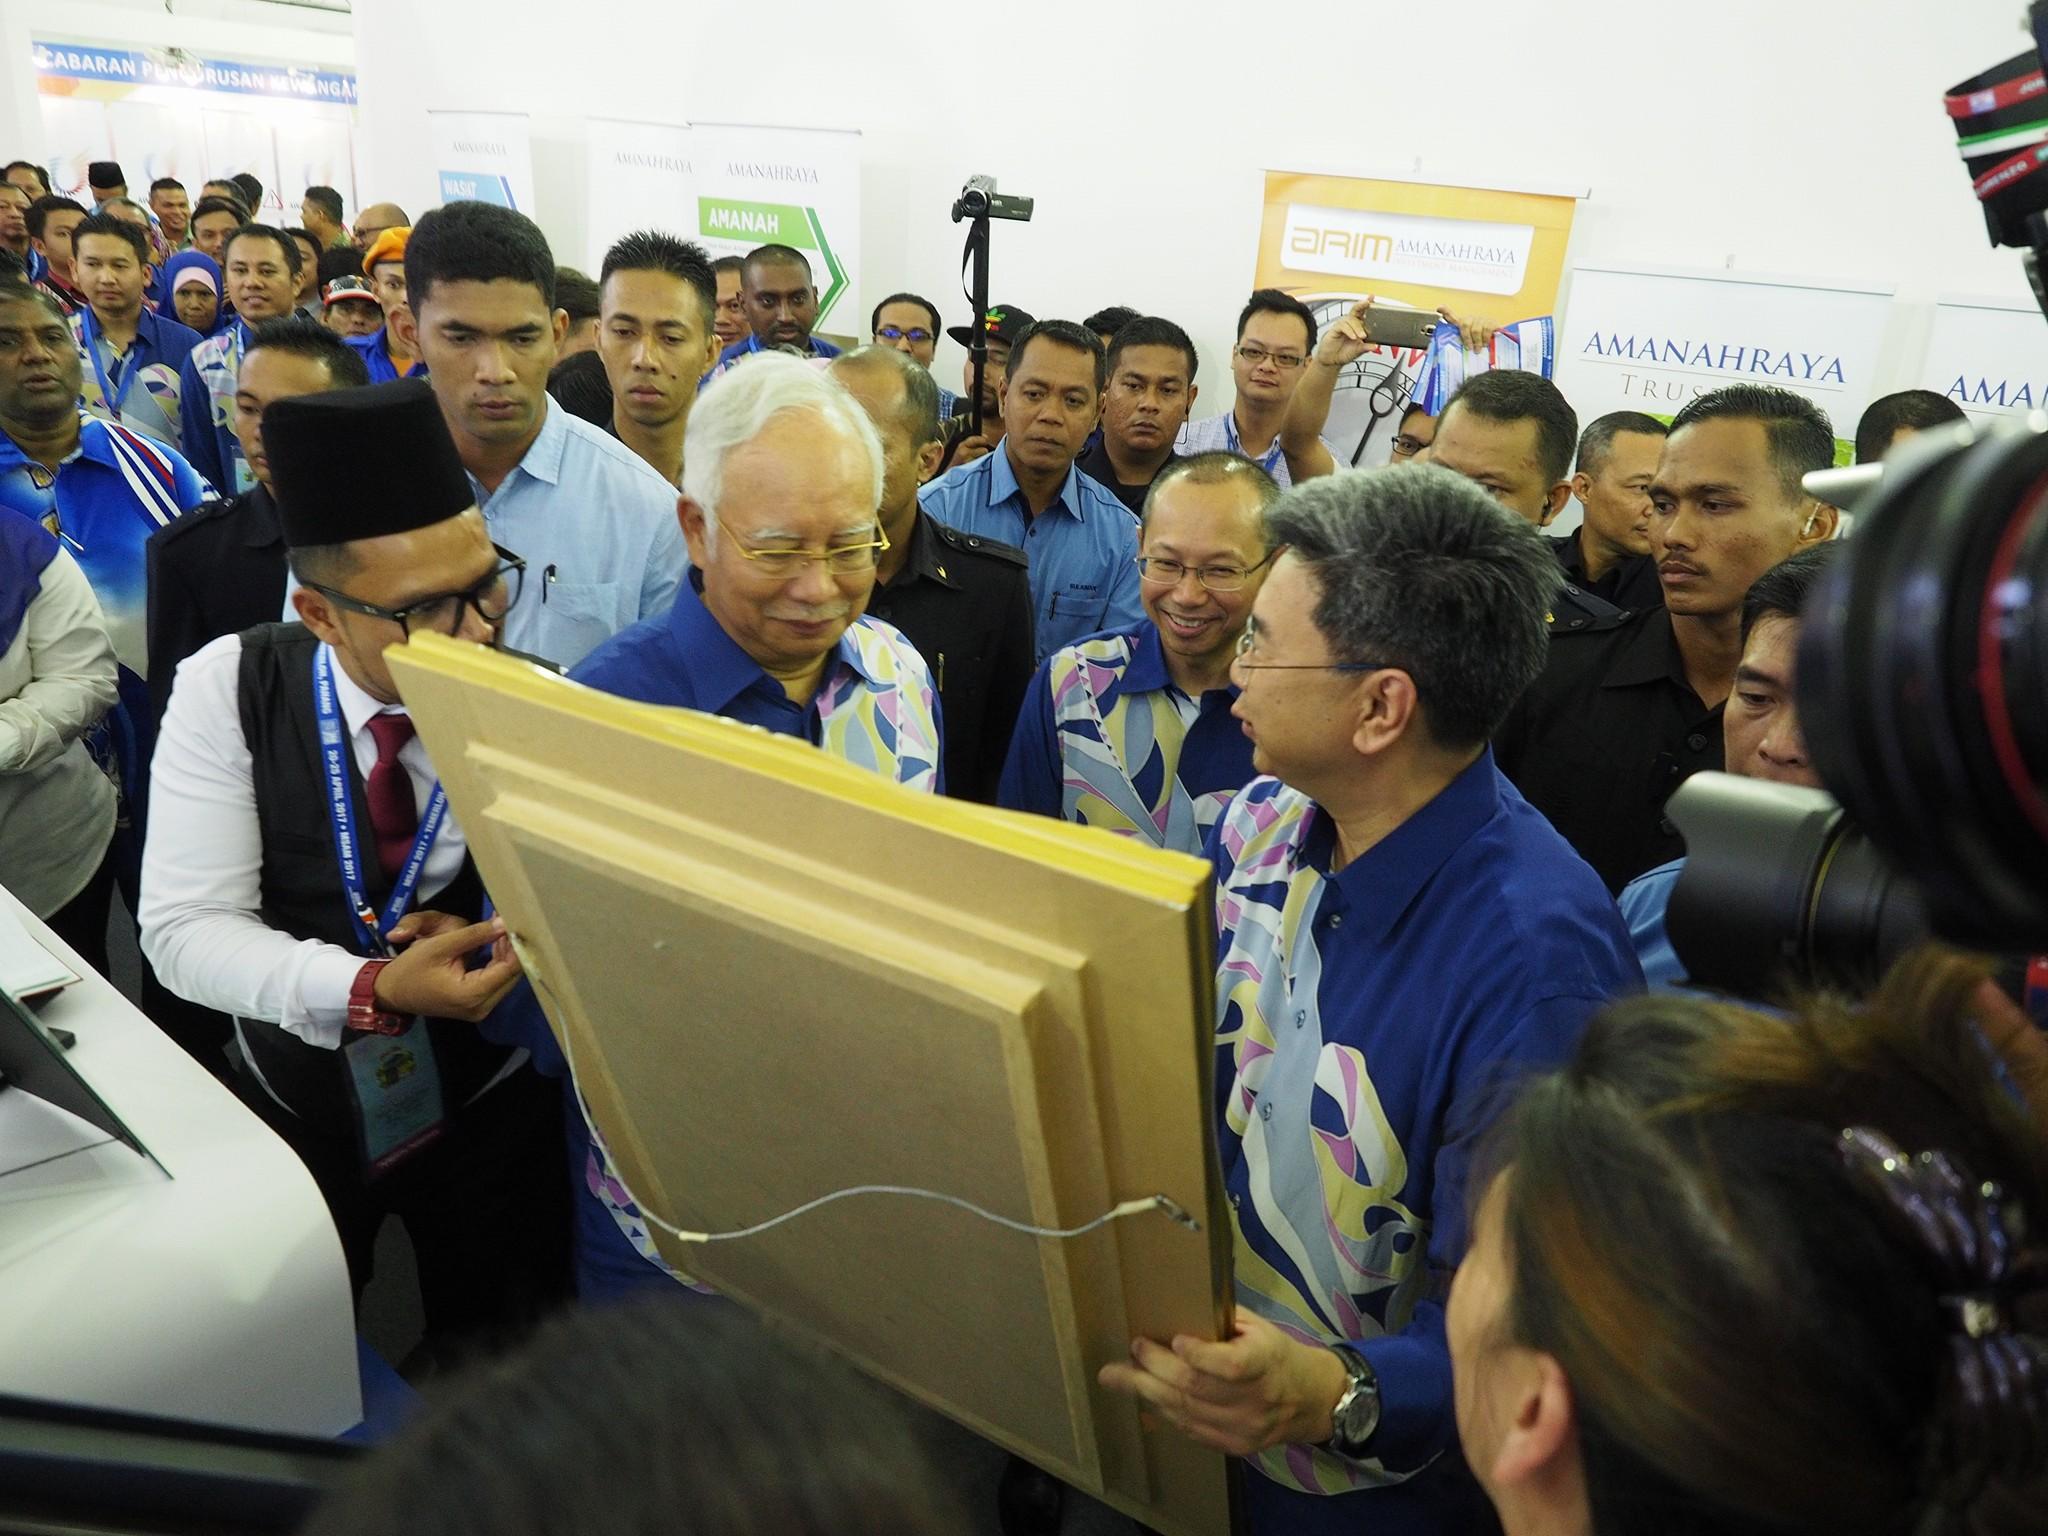 Hari Pertama Minggu Saham Amanah Malaysia 2017, booth AmanahRaya telah menerima kunjungan YAB Dato' Sri Mohd Najib Tun Abdul Razak, Perdana Menteri Malaysia.